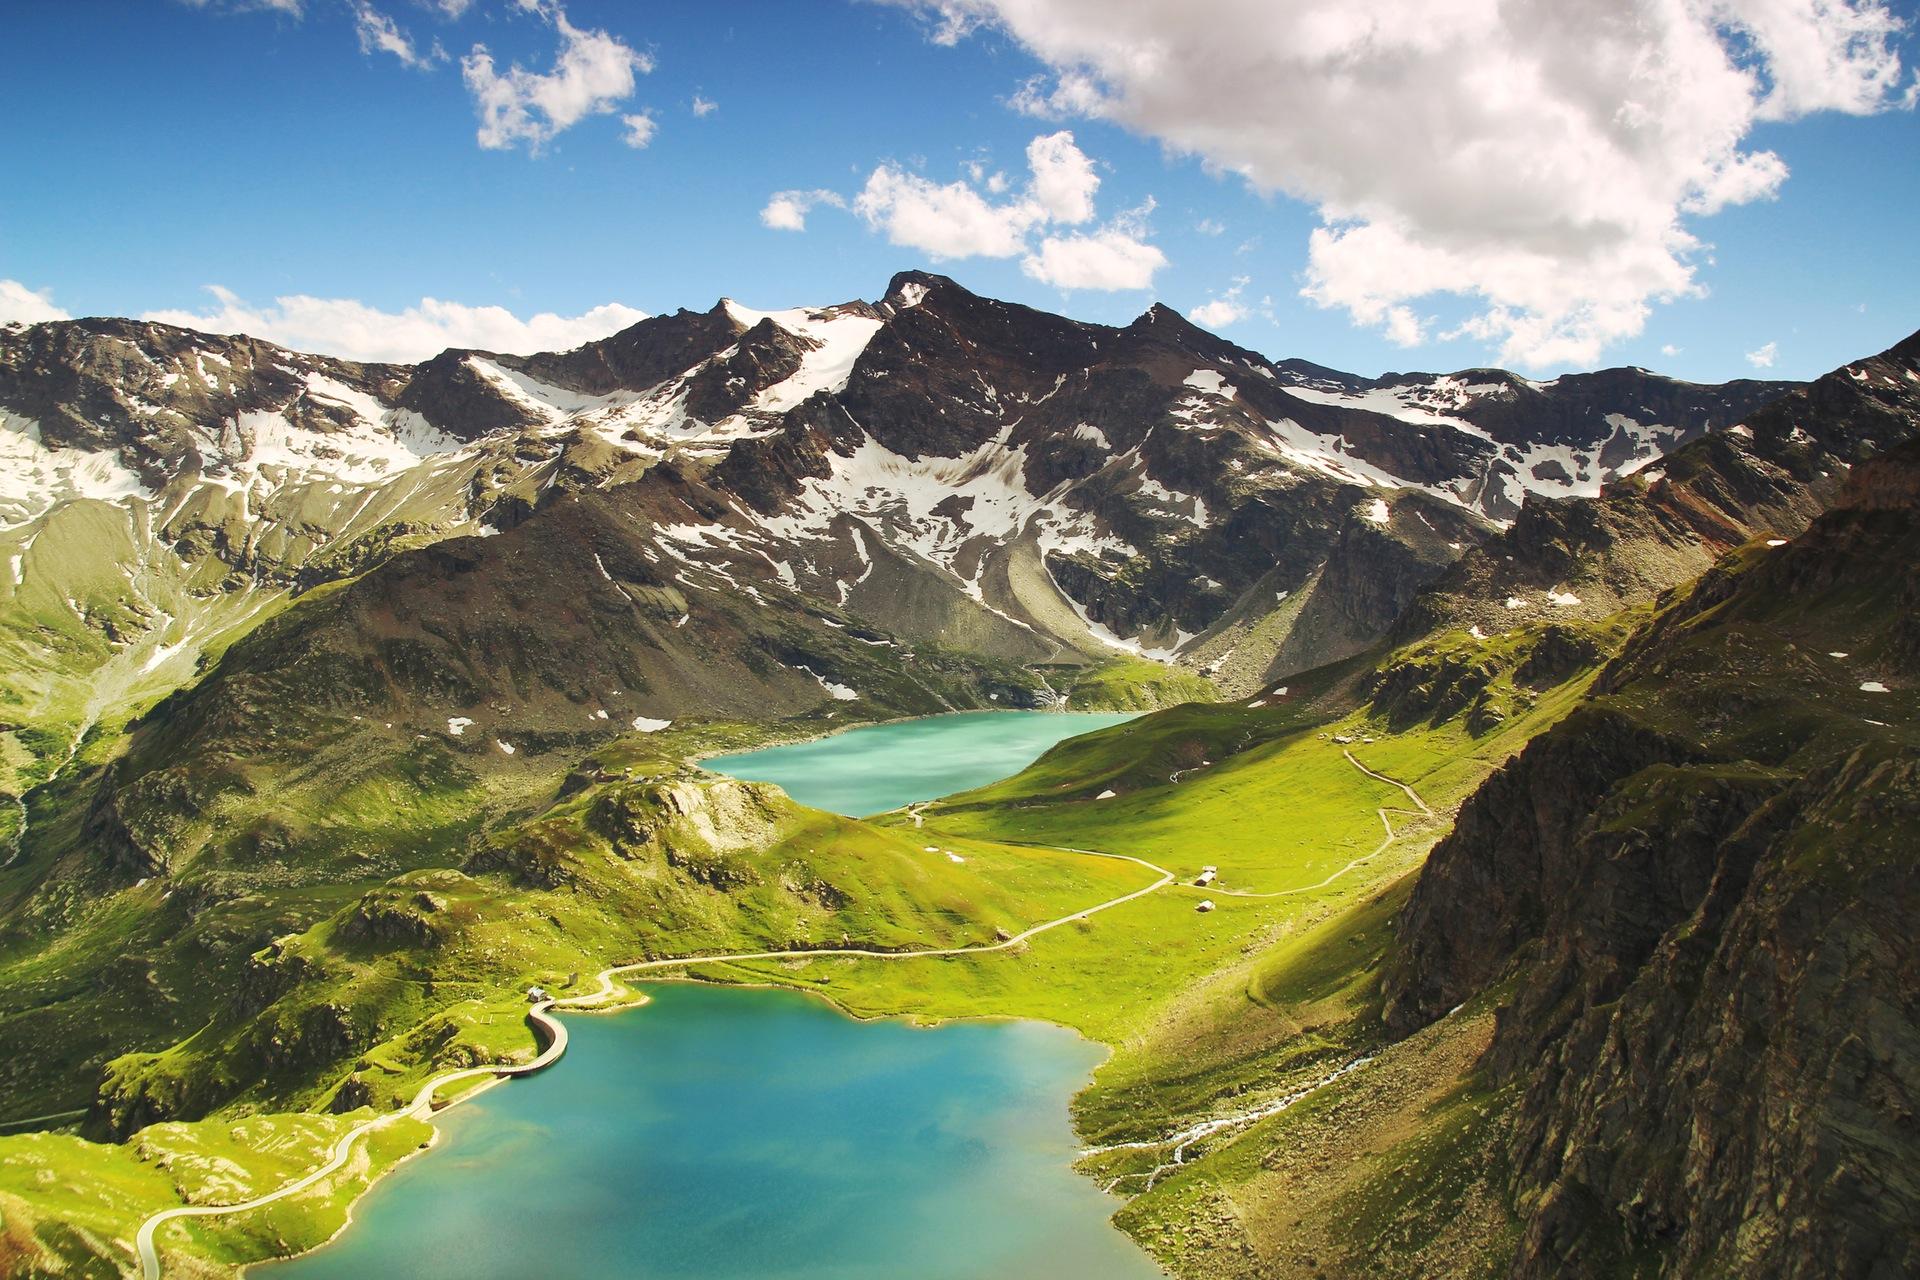 montagnes, Pradera, Lake, neige, Italie, paysage, Vue aérienne - Fonds d'écran HD - Professor-falken.com